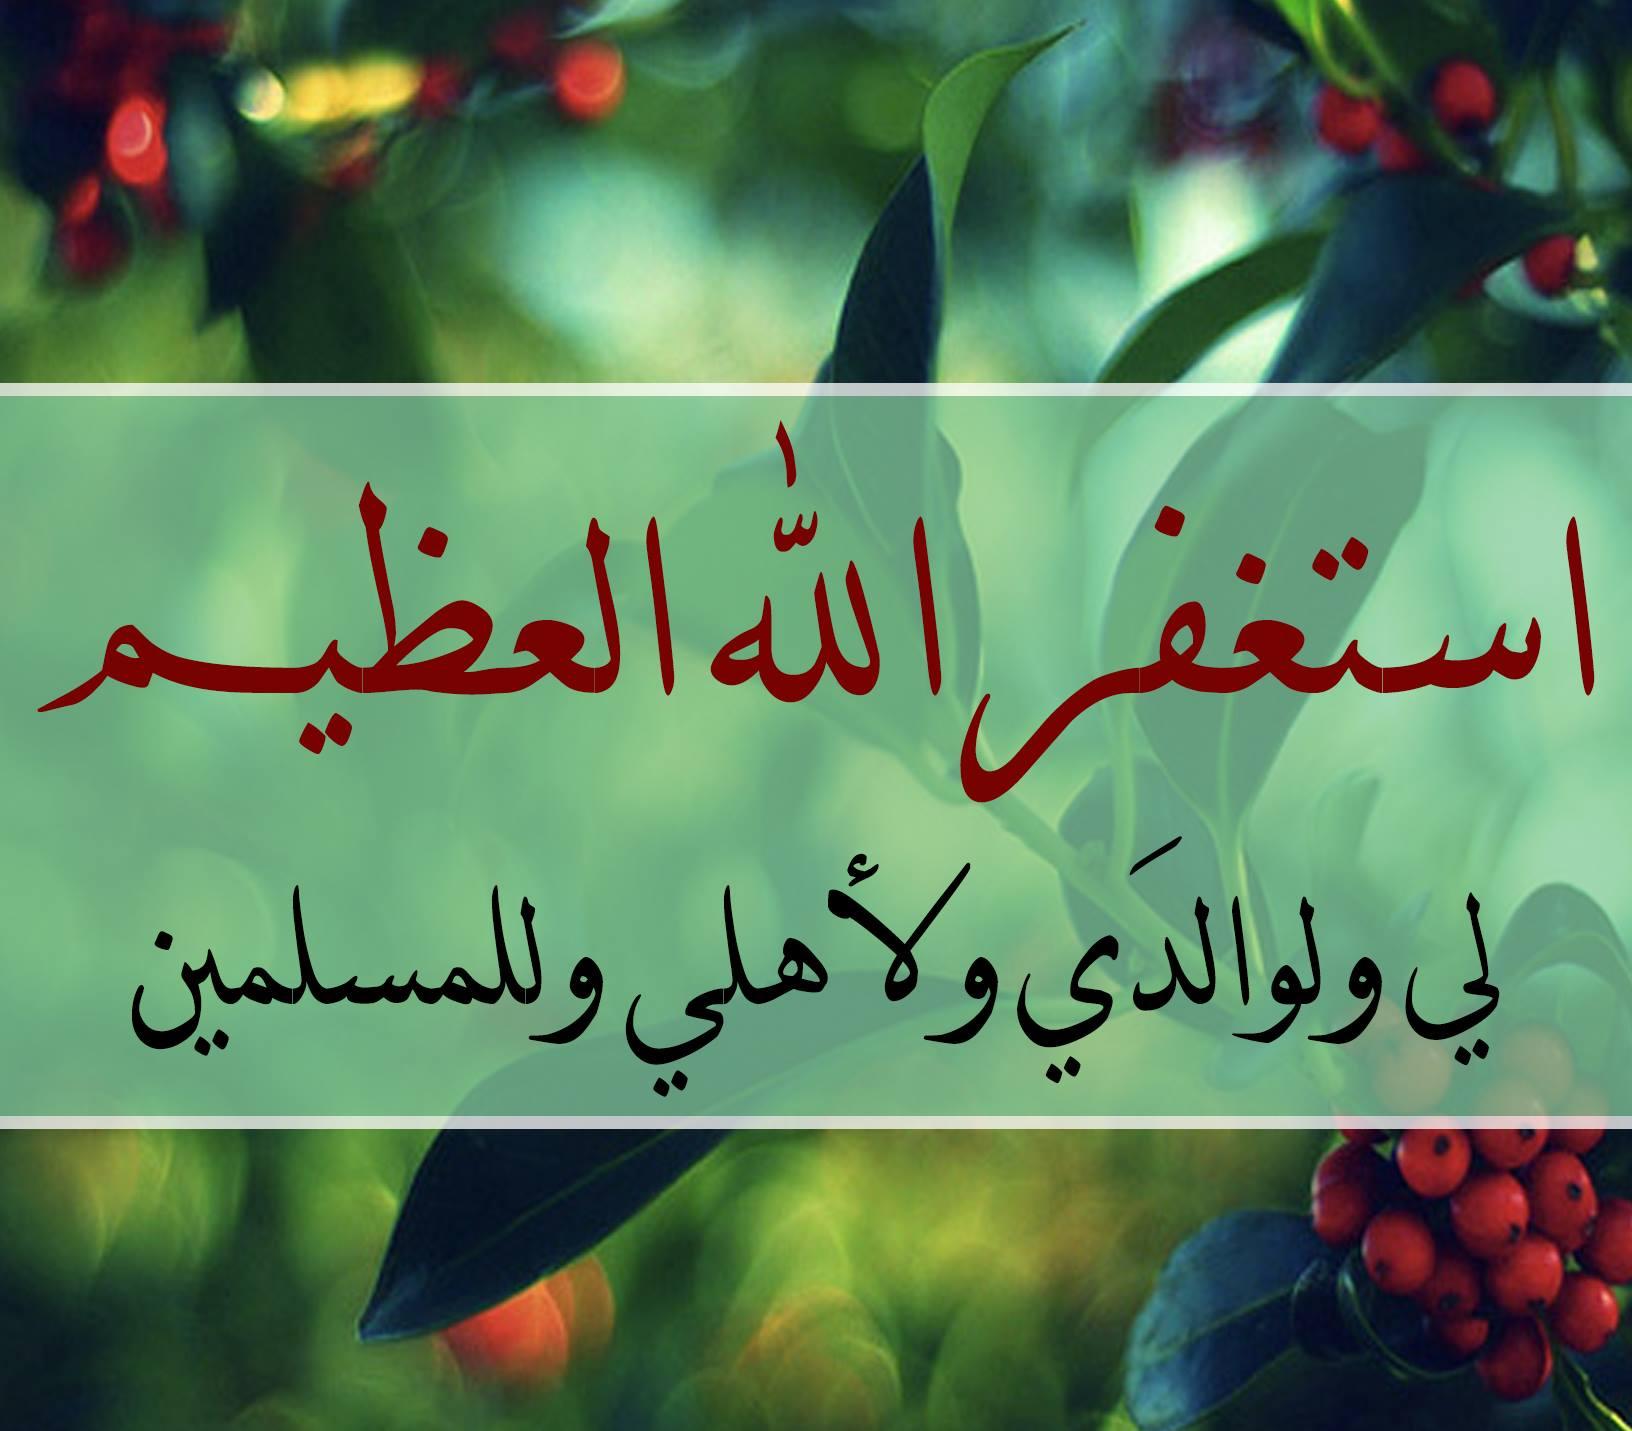 صور صور دينيه اسلاميه , استخدامات متعددة للصور الاسلامية